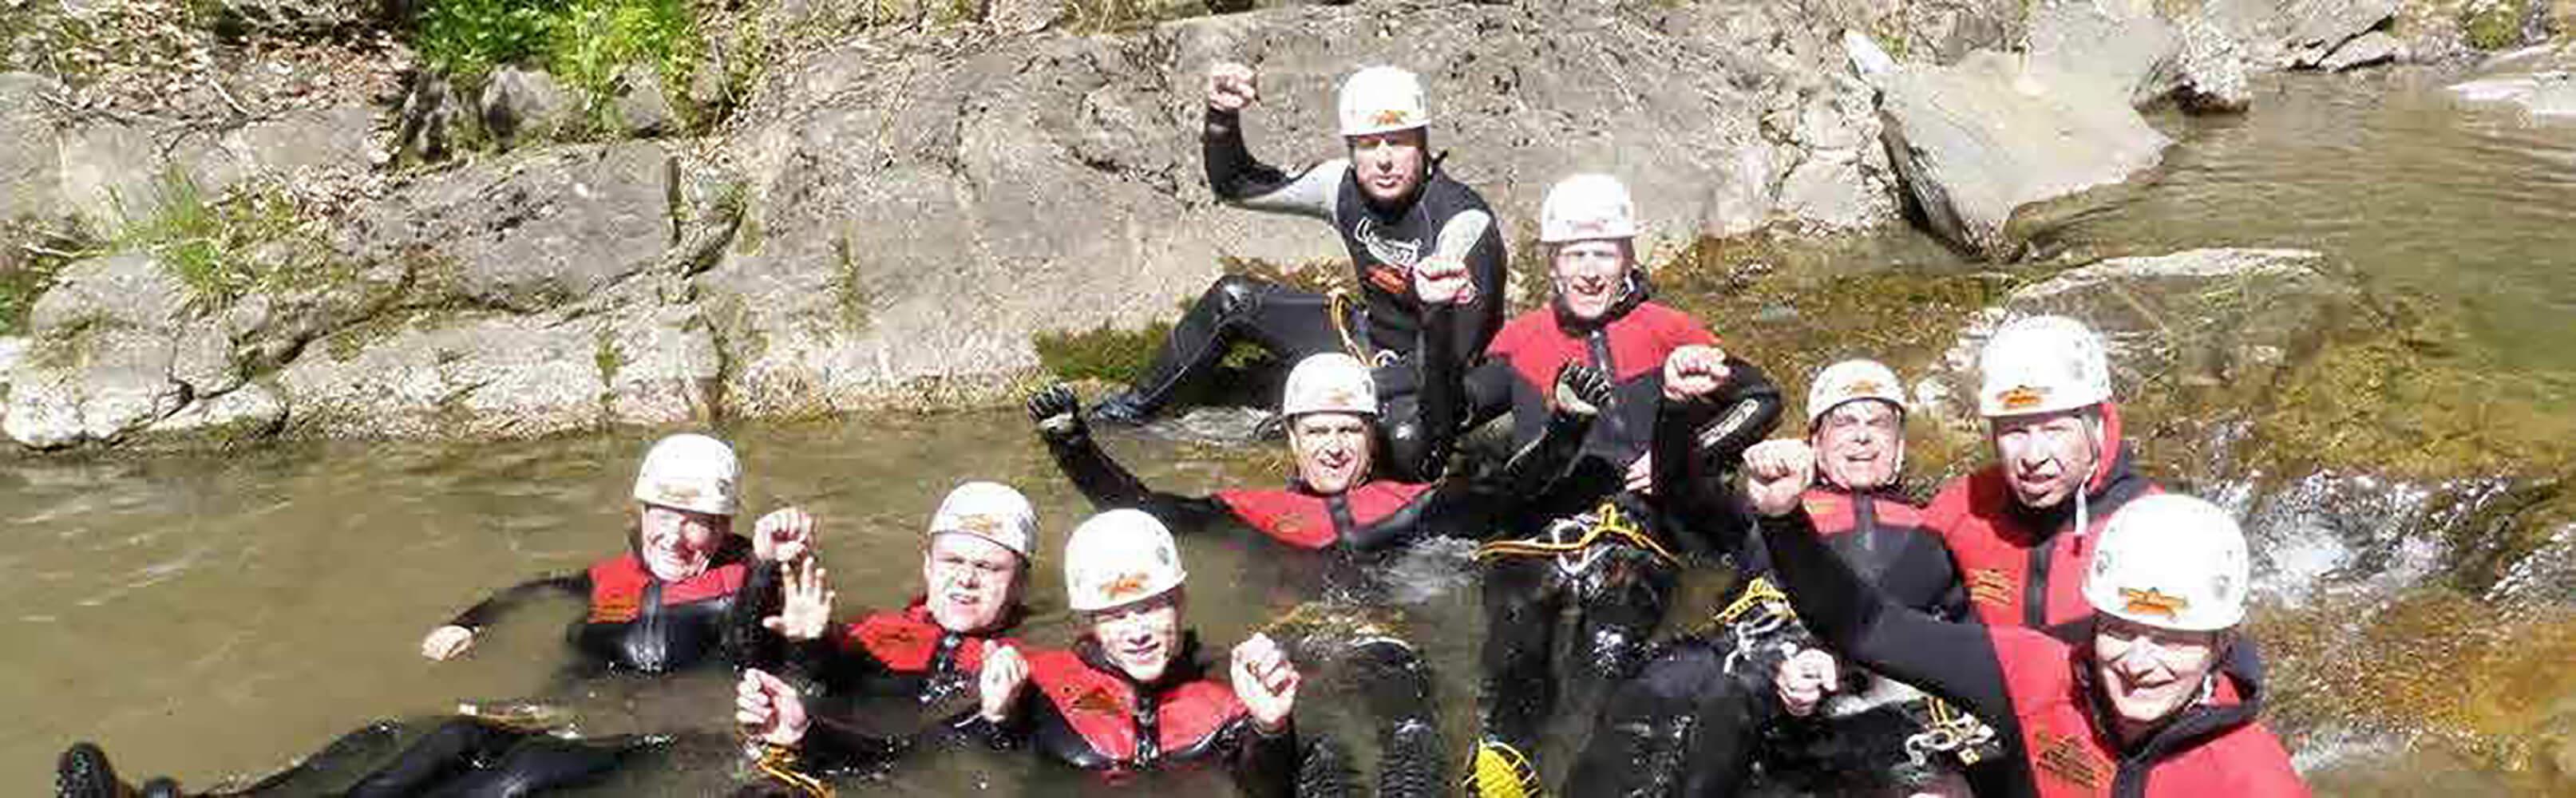 Fischer Adventures - Canyoning- & Höhlentouren, Riverrafting 1